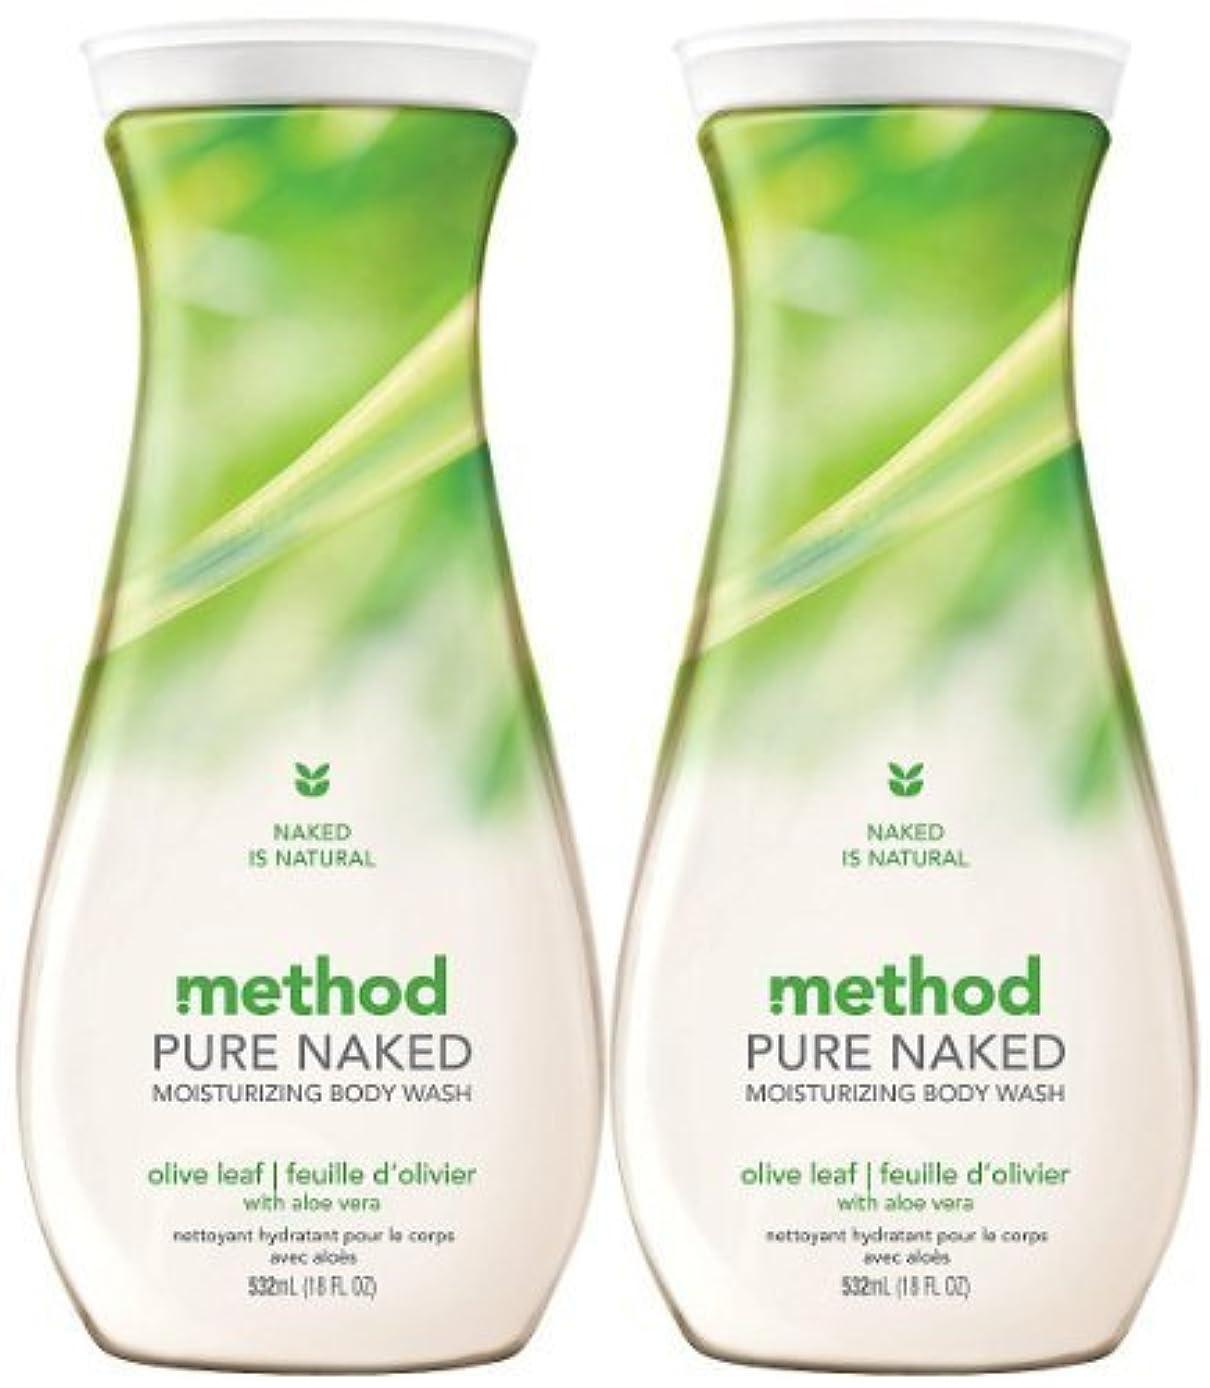 幸運なことに汚染された件名Method Moisturizing Body Wash, Olive Leaf, 18 oz, 2 pk by Method [並行輸入品]